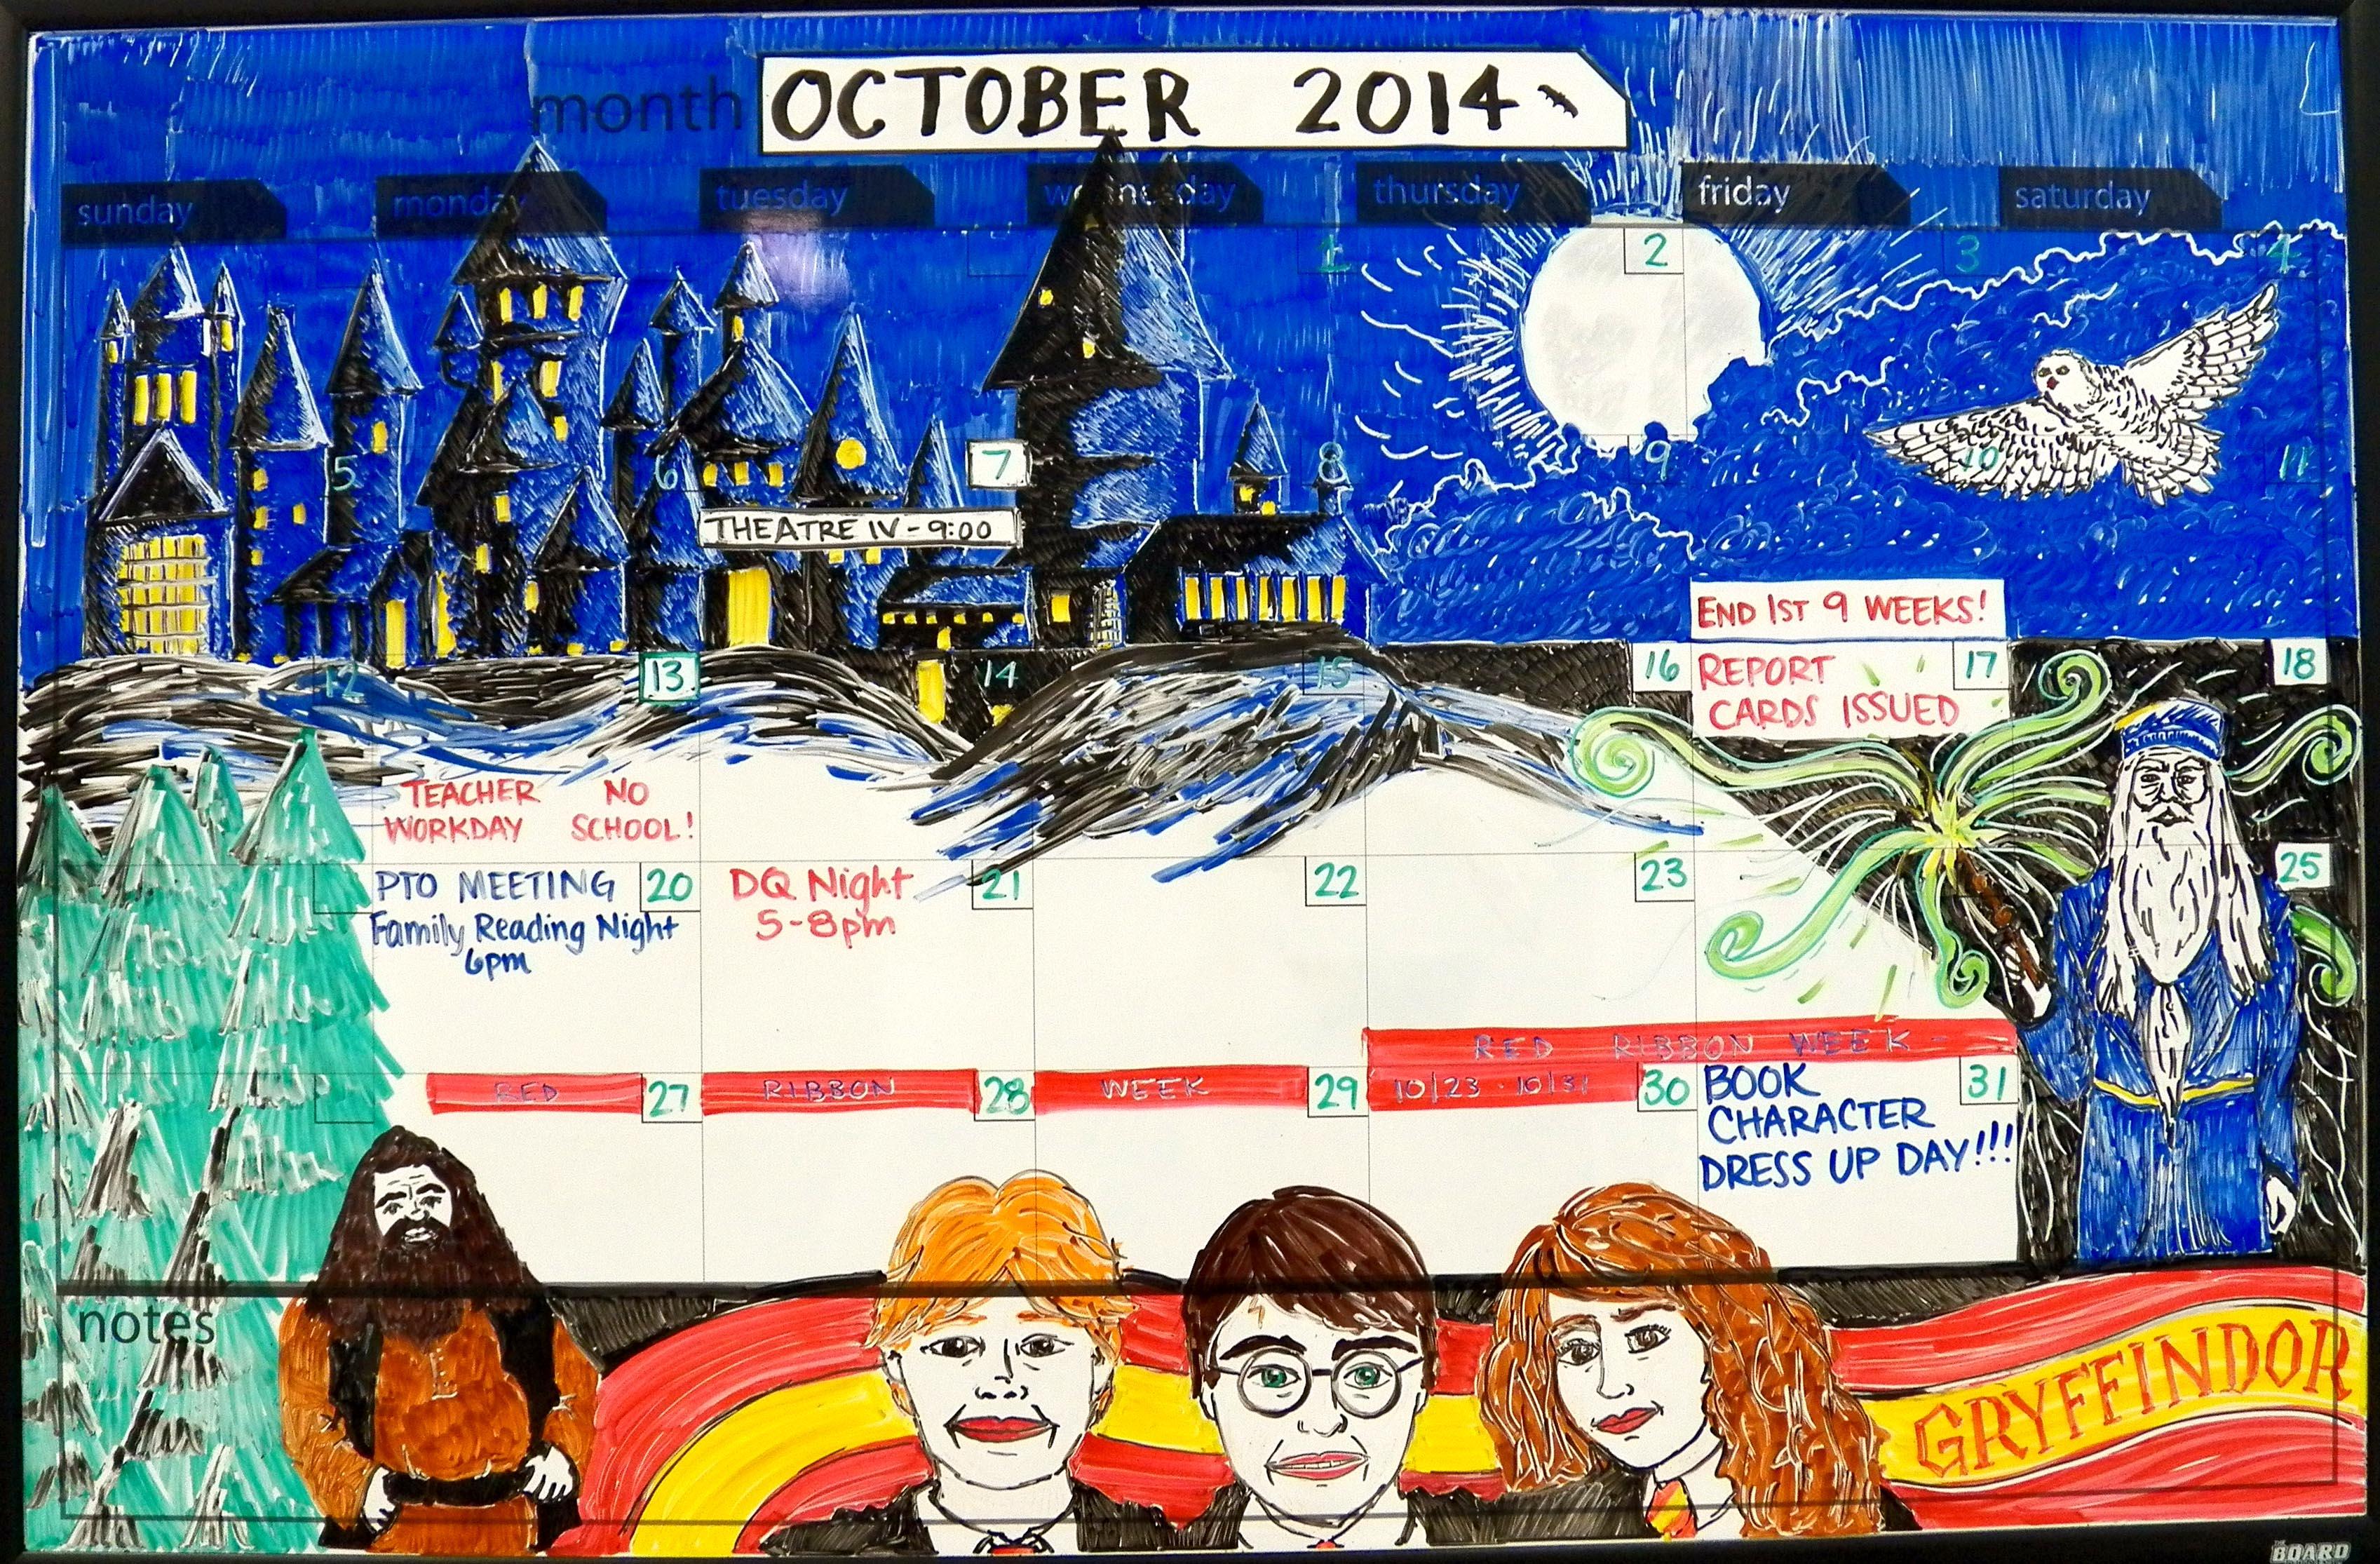 2014 - October